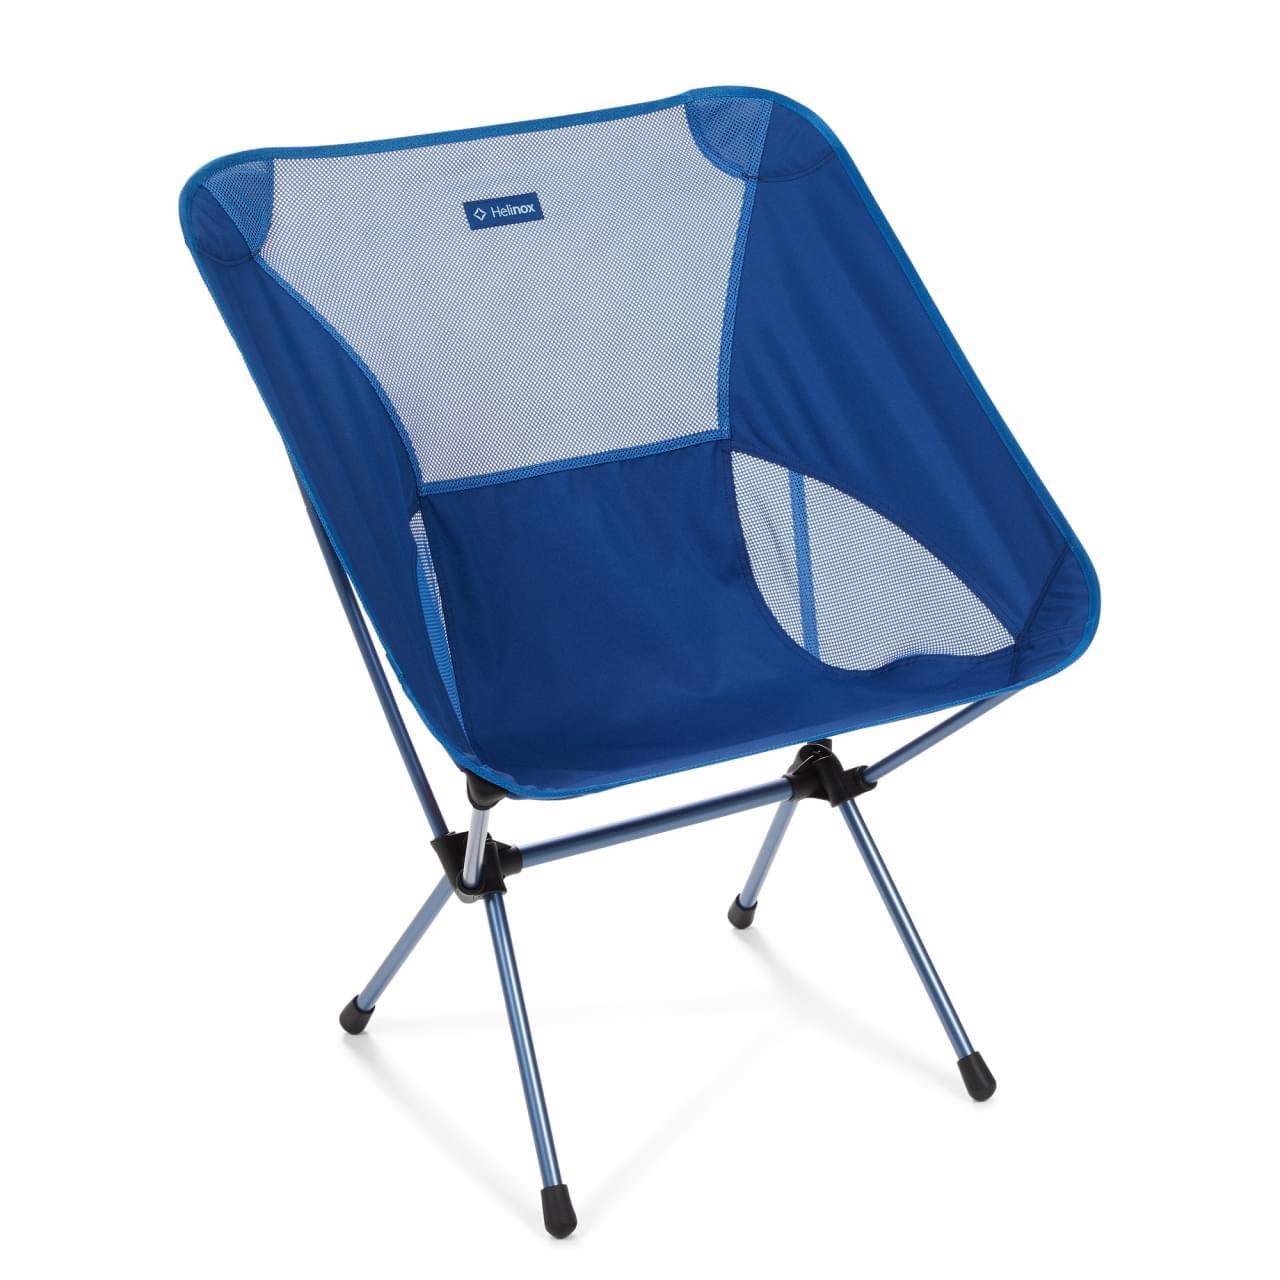 Helinox Chair One XL Lichtgewicht Stoel - Blauw